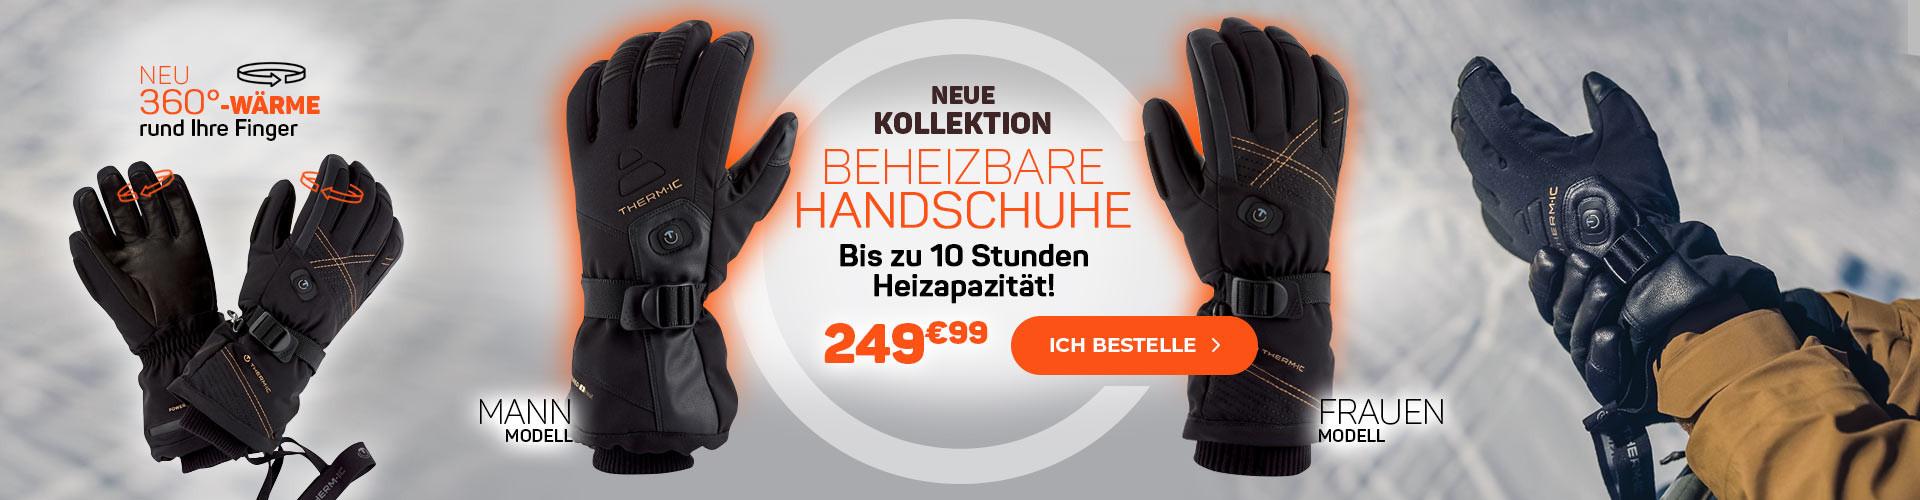 Entdecken Sie unsere neue Kollektion von beheizten Handschuhen mit bis zu 10 Stunden Wärme!